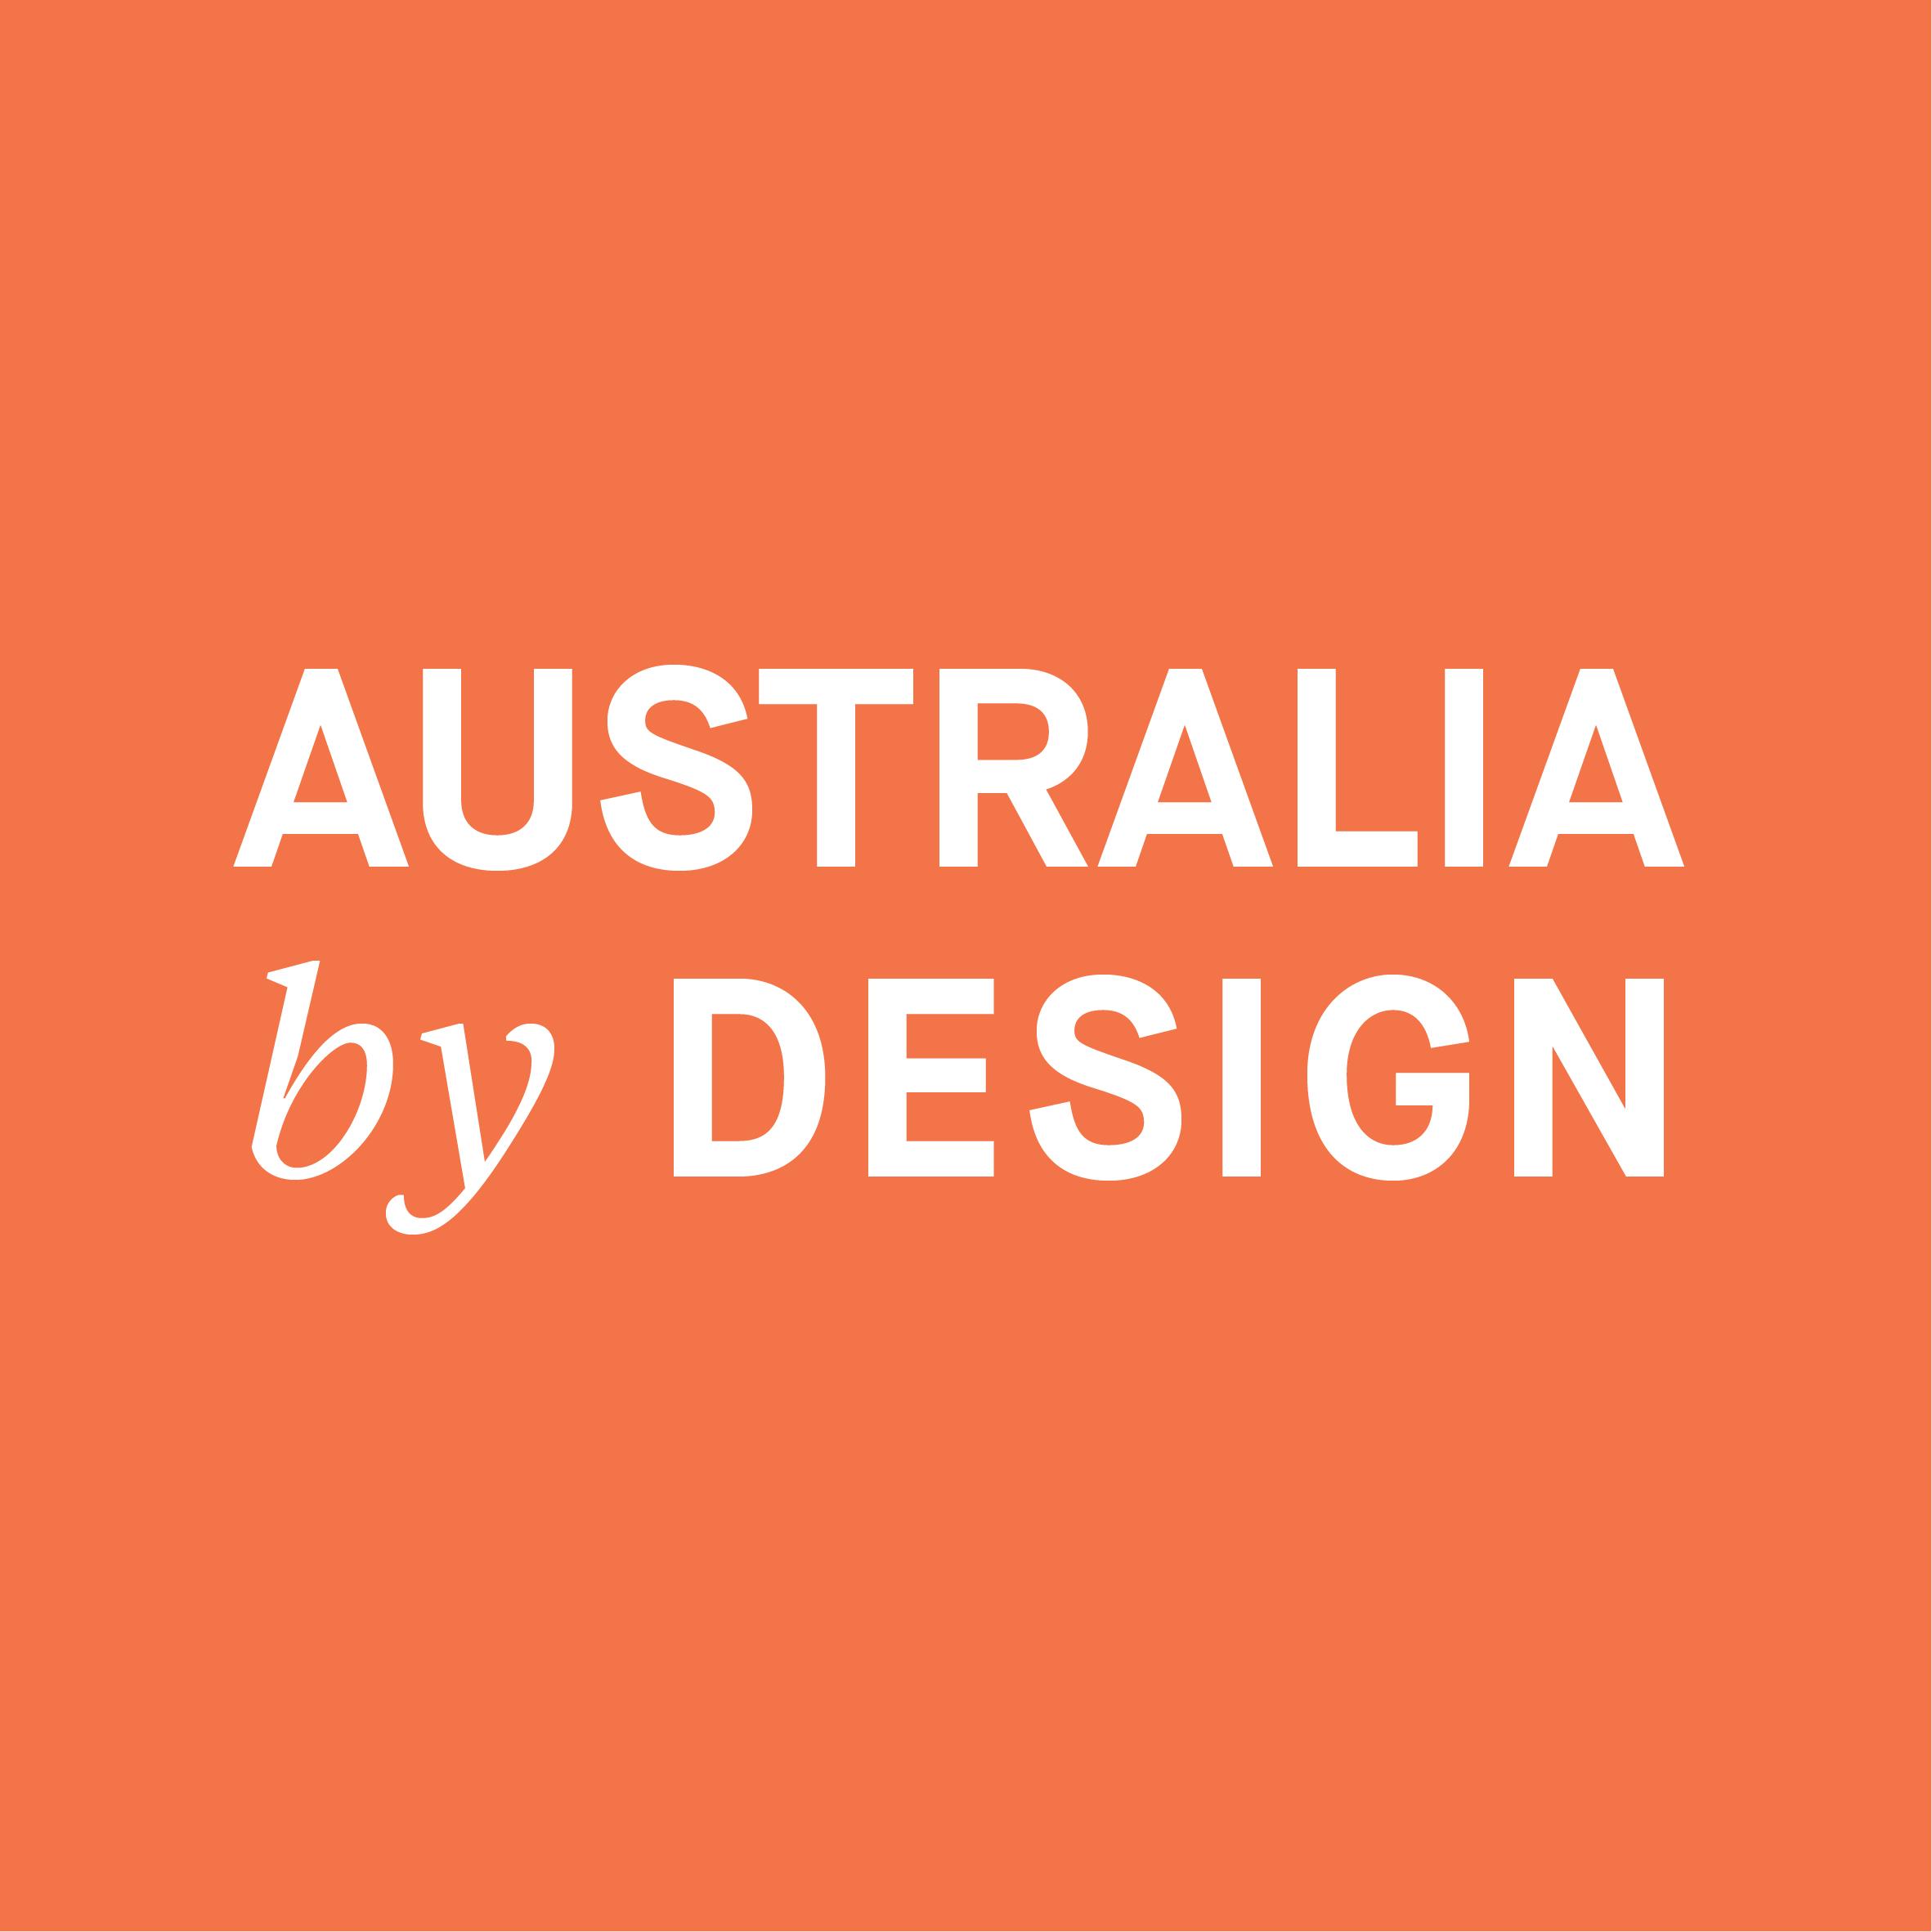 Australia by Design-01.jpg